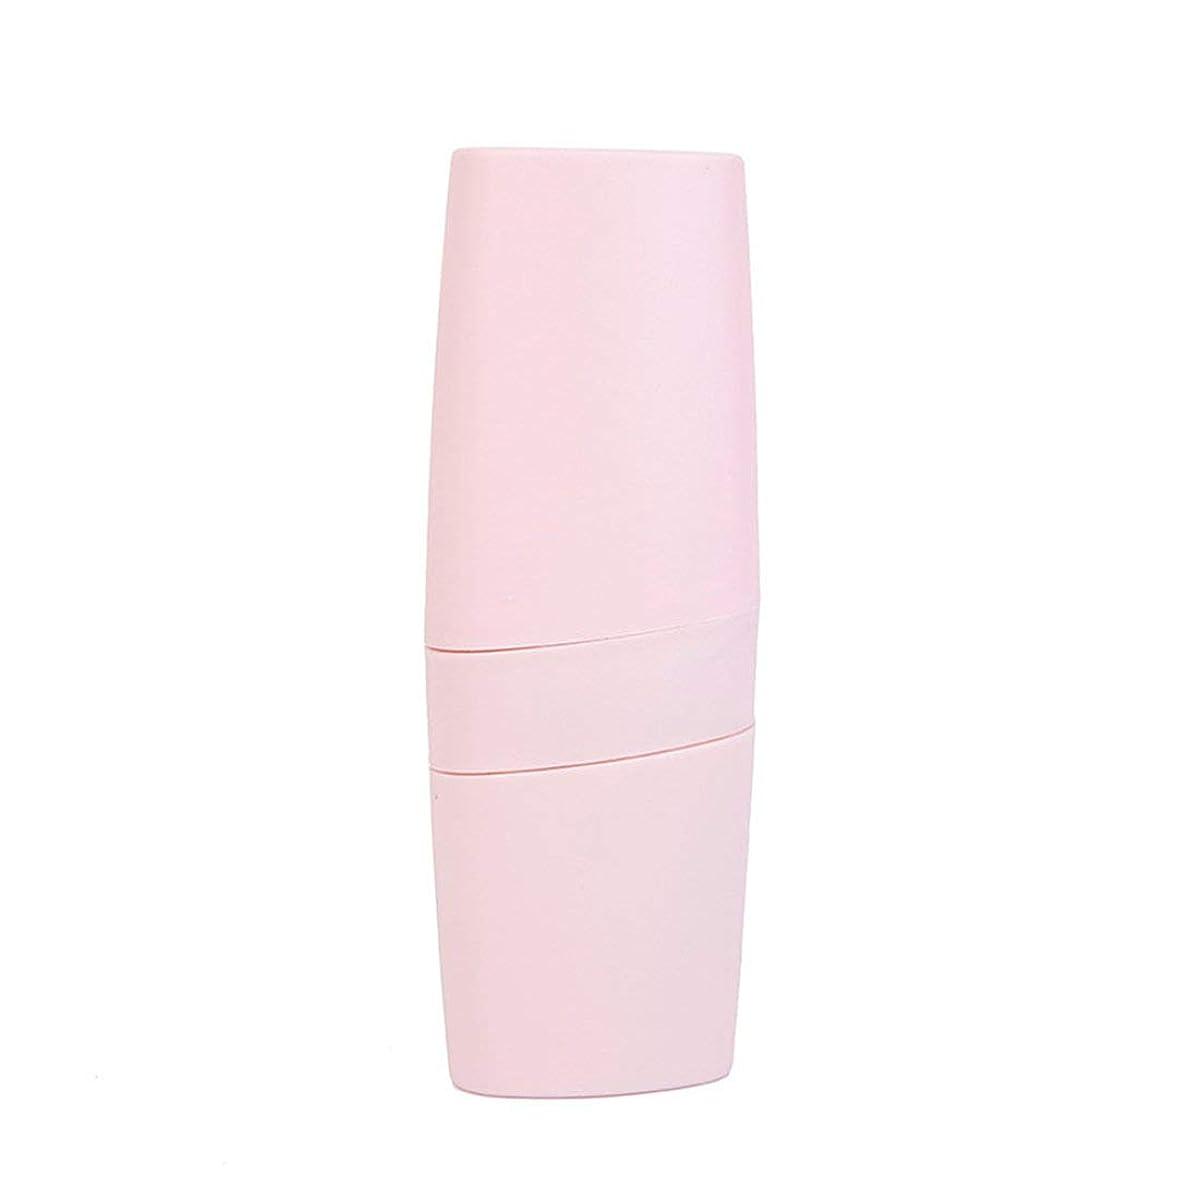 スチュワーデスバレーボール走るSwiftgood 携帯用歯ブラシケース通気性歯磨き粉プラスチック収納ボックス大型歯ブラシケース